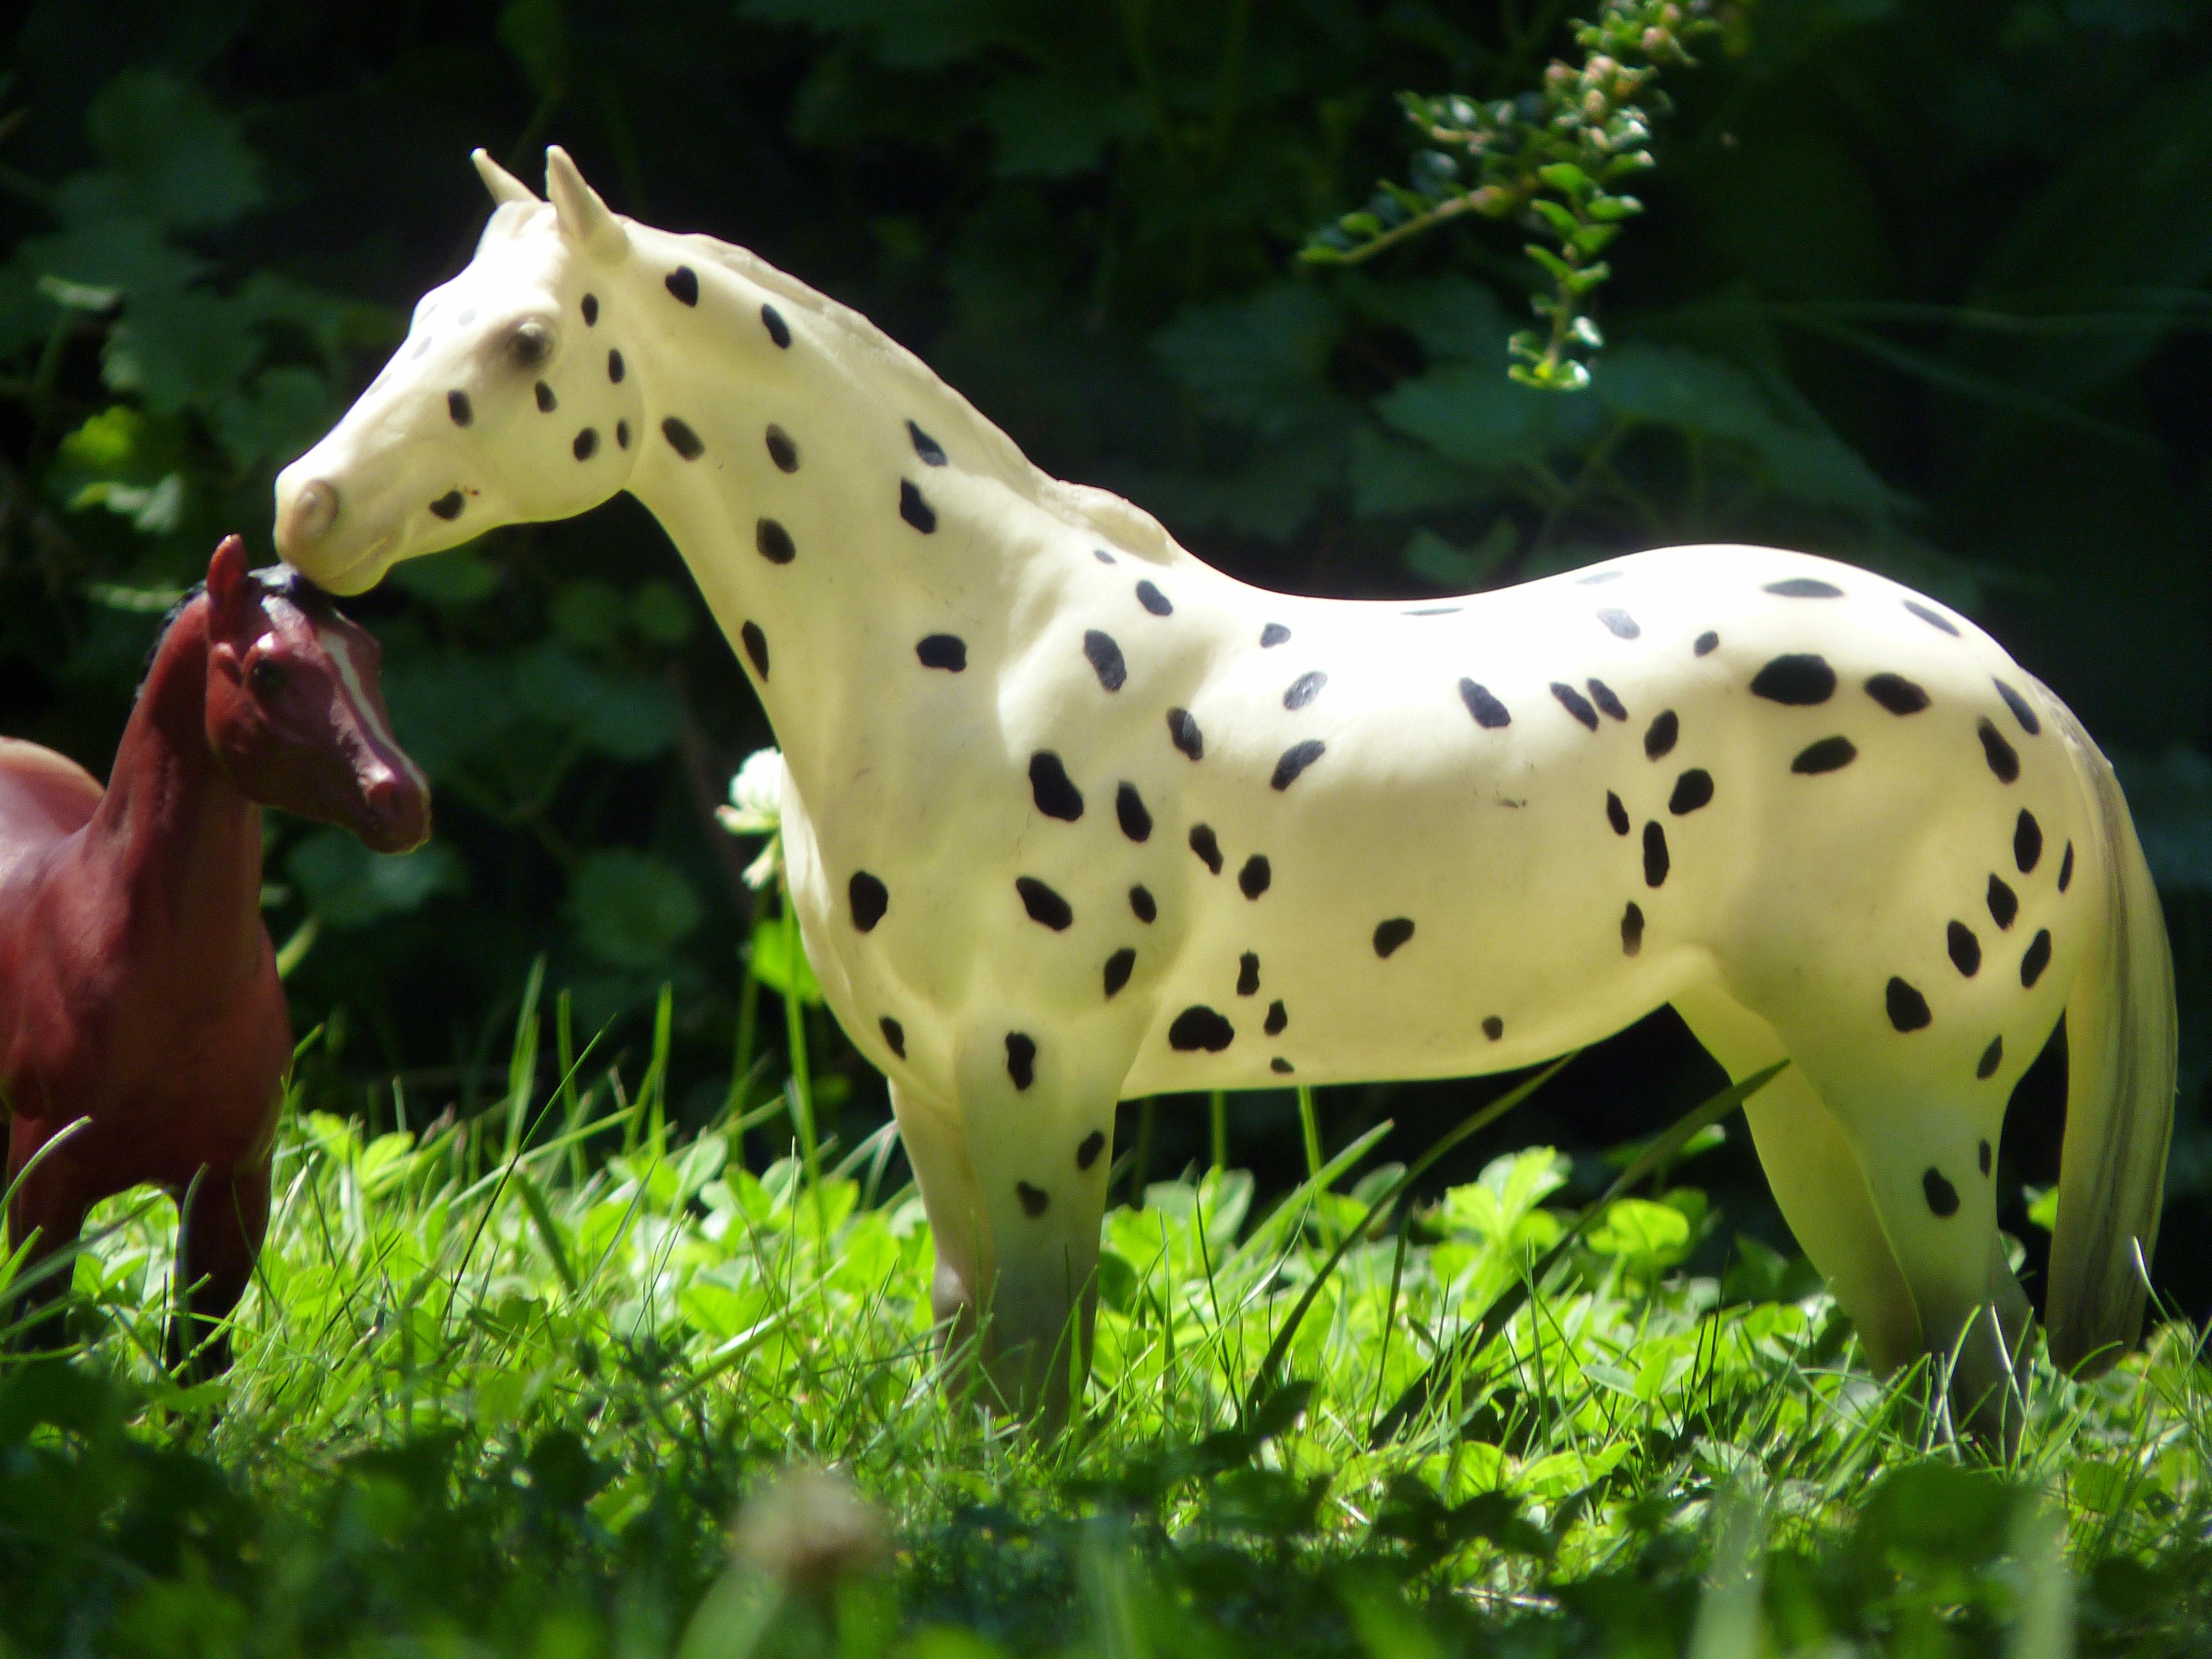 les chevaux de l'écurie Du vieux porche, bienvenue dans ce refuge miniature - Page 2 215263P1060532